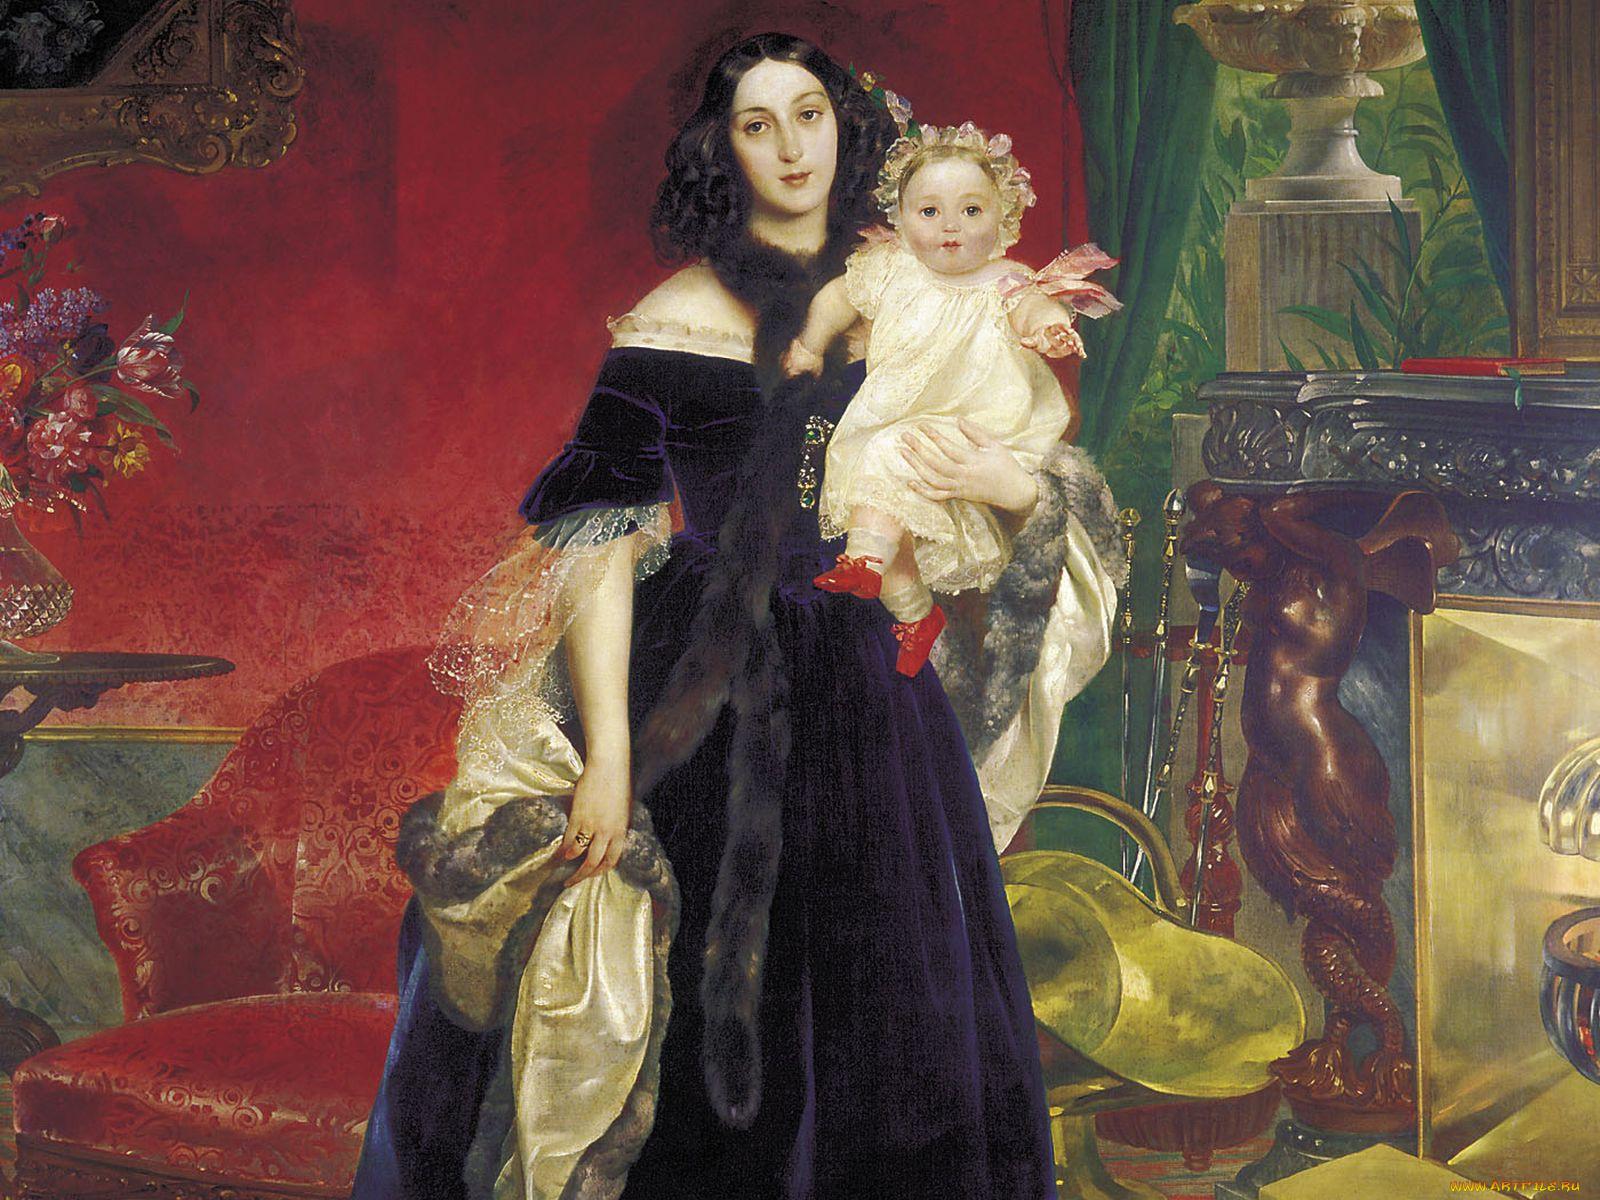 Изображение медного ведерка для угля или дров на картинах известных художников, К. Брюллов, Портрет М. А. Бек с дочерью М. И. Бек